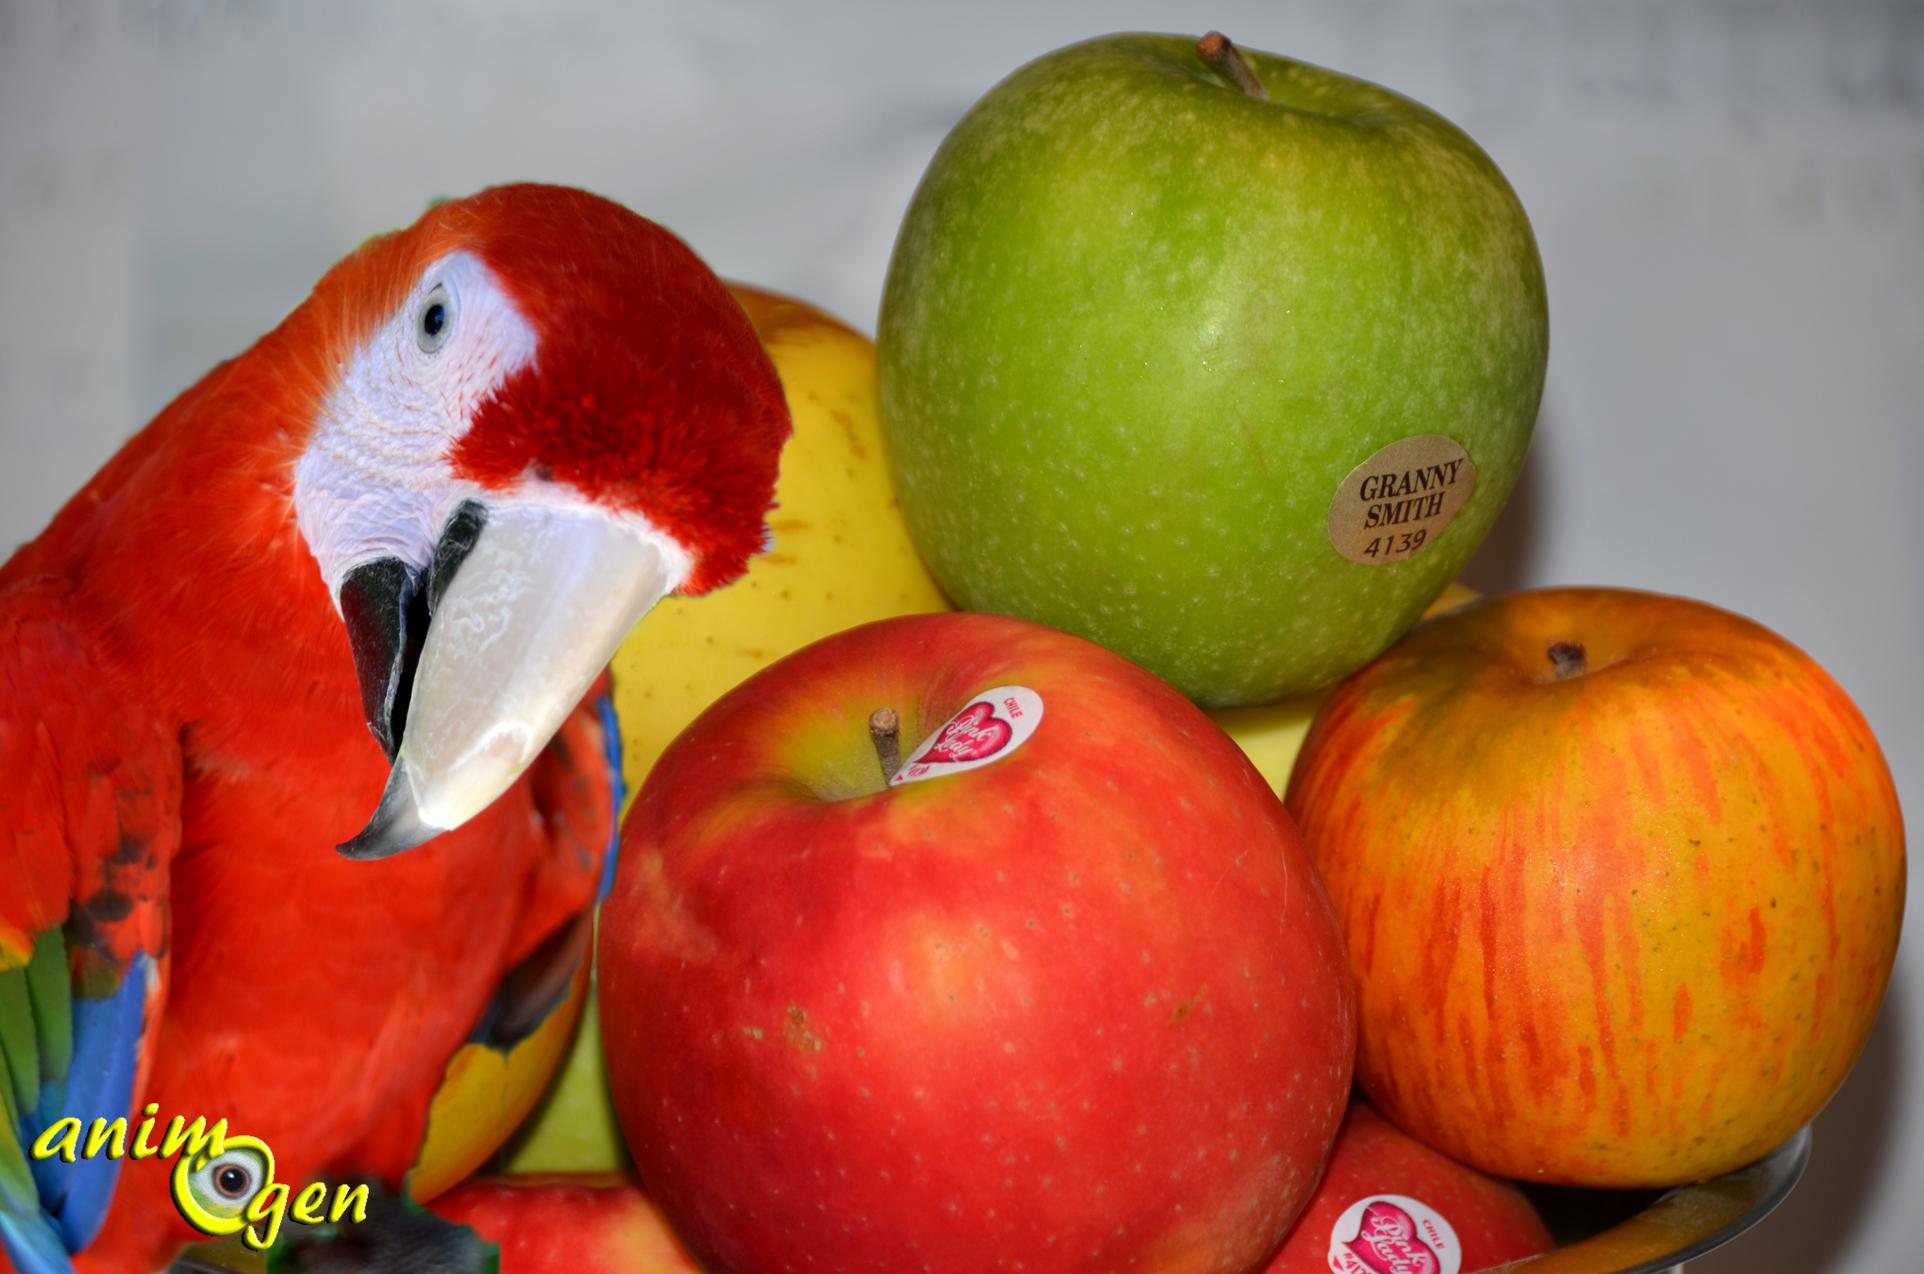 Alimentation quelle vari t de pomme nos perroquets pr f rent ils animogen - Ou trouver des caisses u00e0 pommes ...